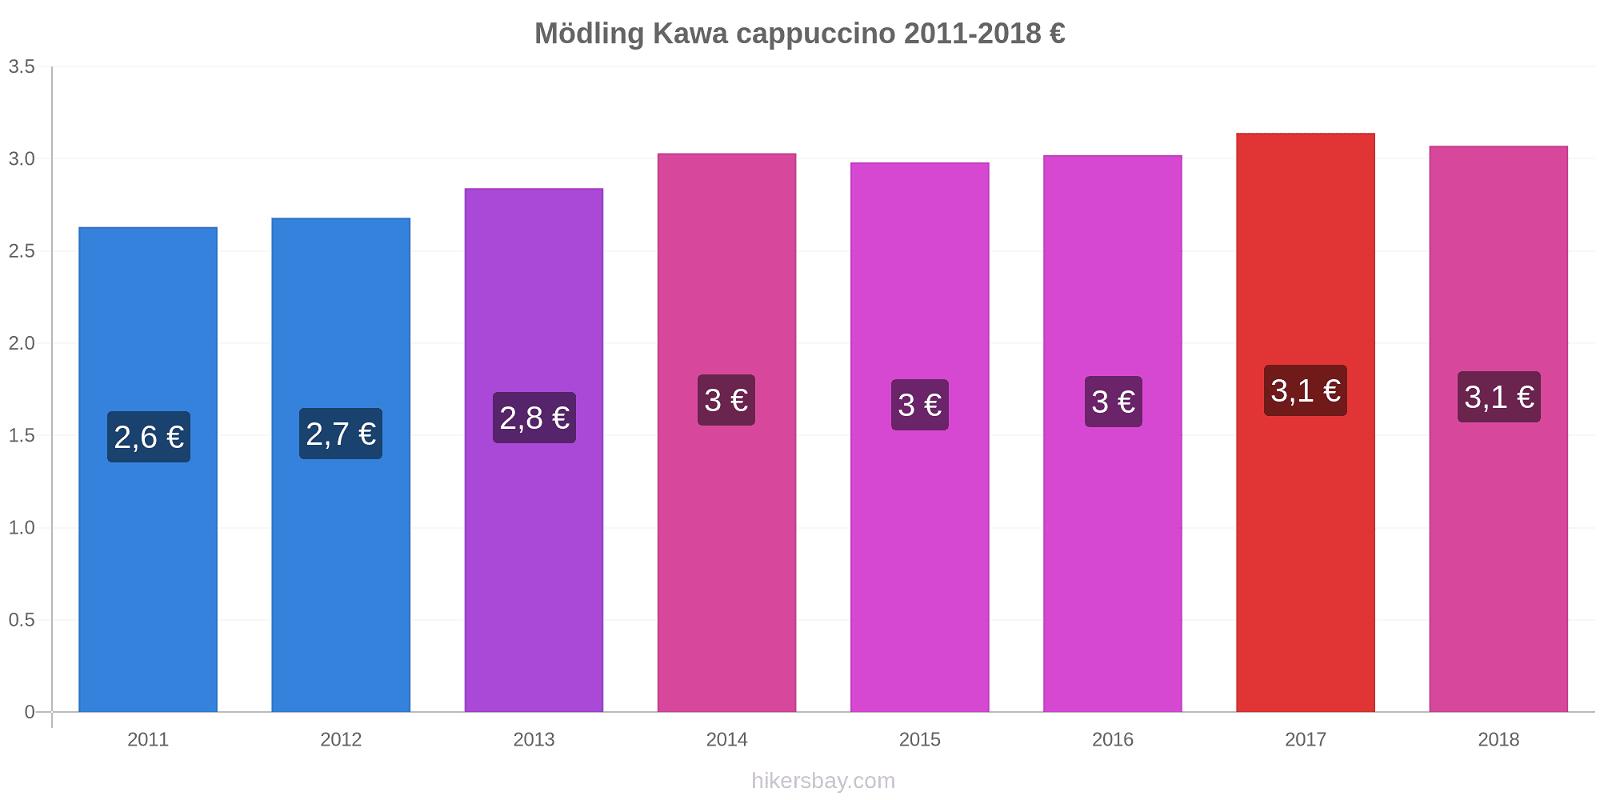 Mödling zmiany cen Kawa cappuccino hikersbay.com